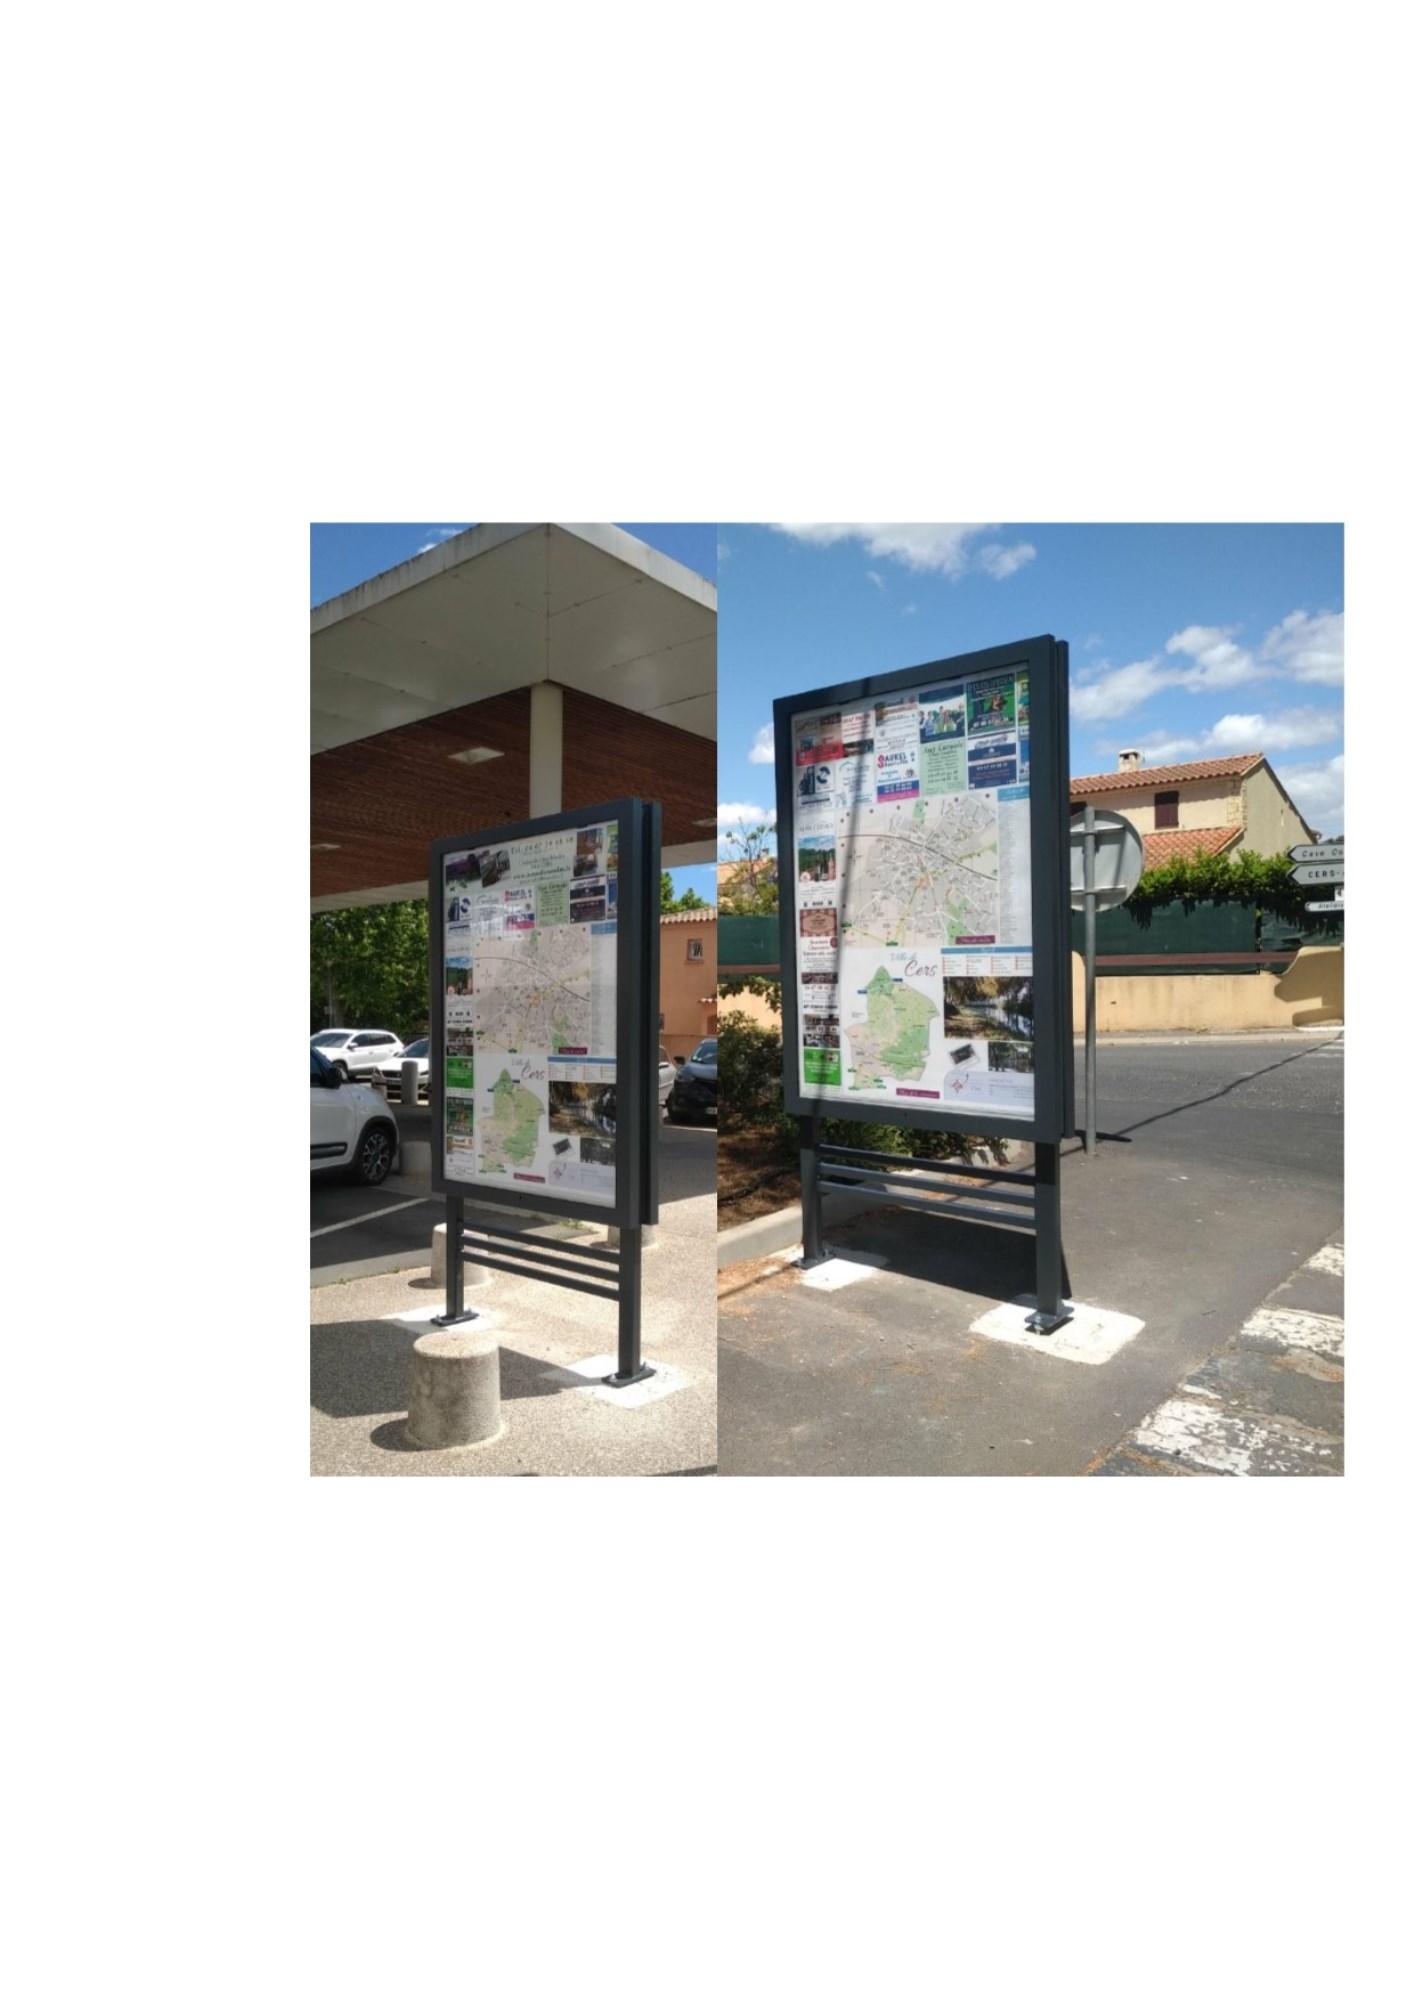 Deux nouveaux panneaux de villes installés : à l'entrée de Saint Privat et à l'arrière de la Mairie